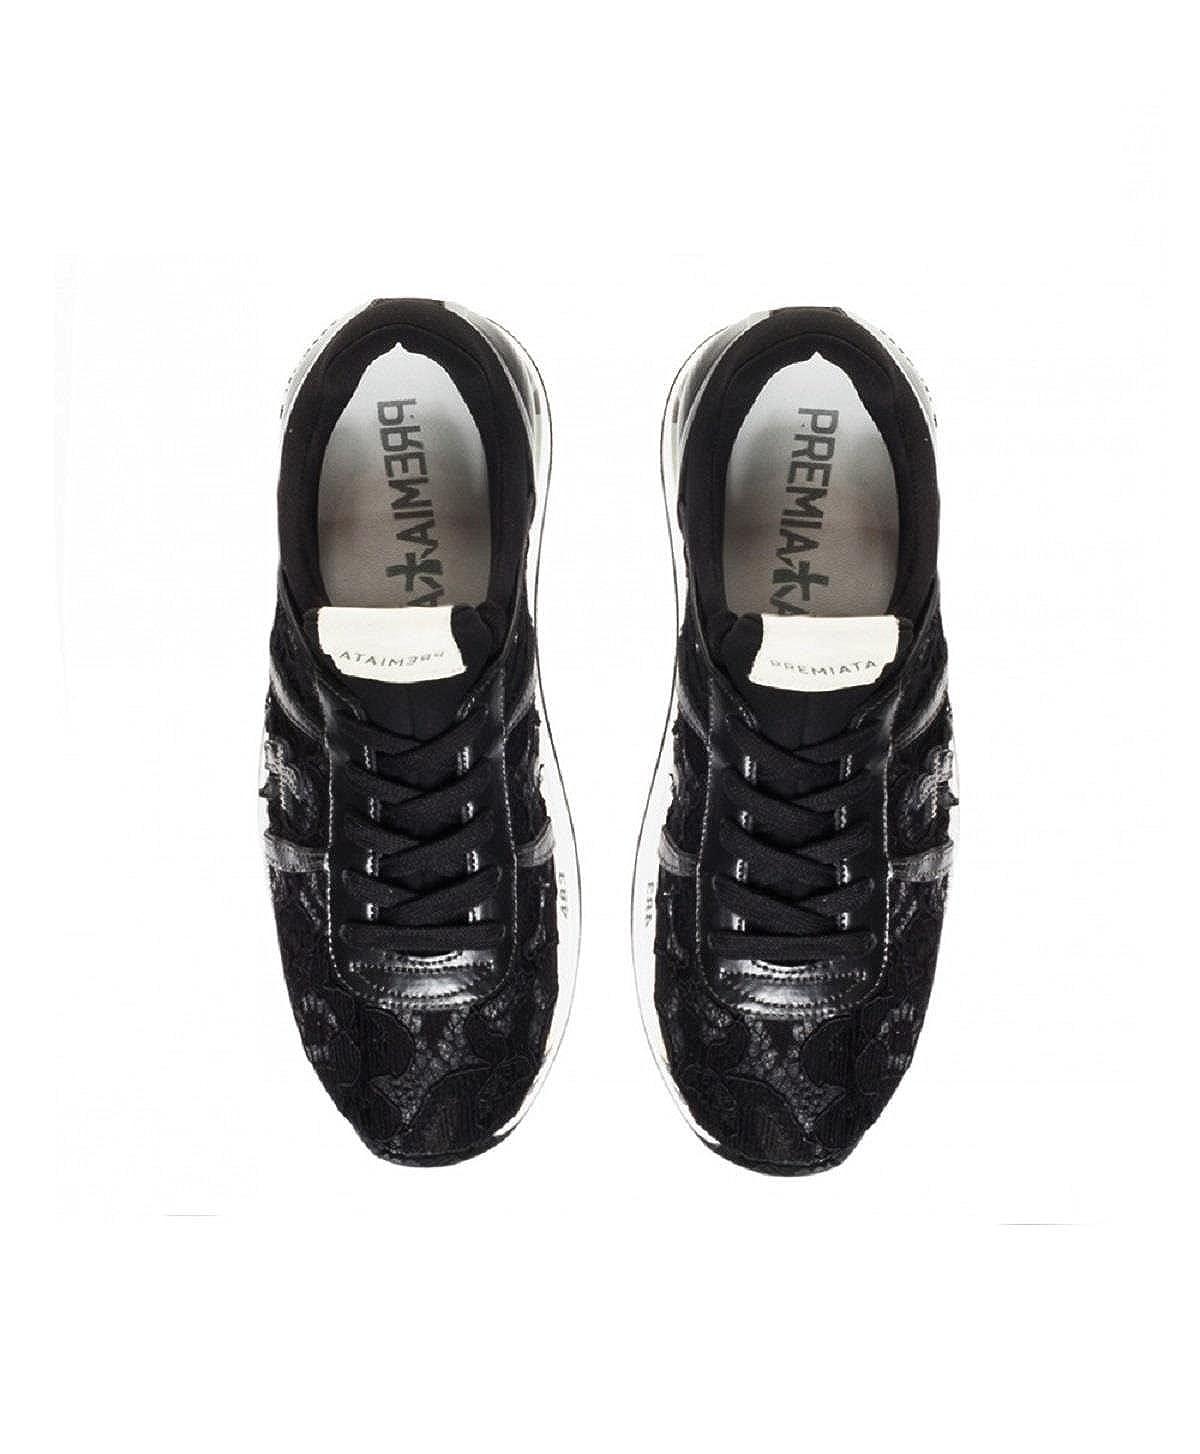 c400f6c37c PREMIATA Sneaker Liz 3005 Taglia 36 - Colore Nero: Amazon.it: Scarpe ...